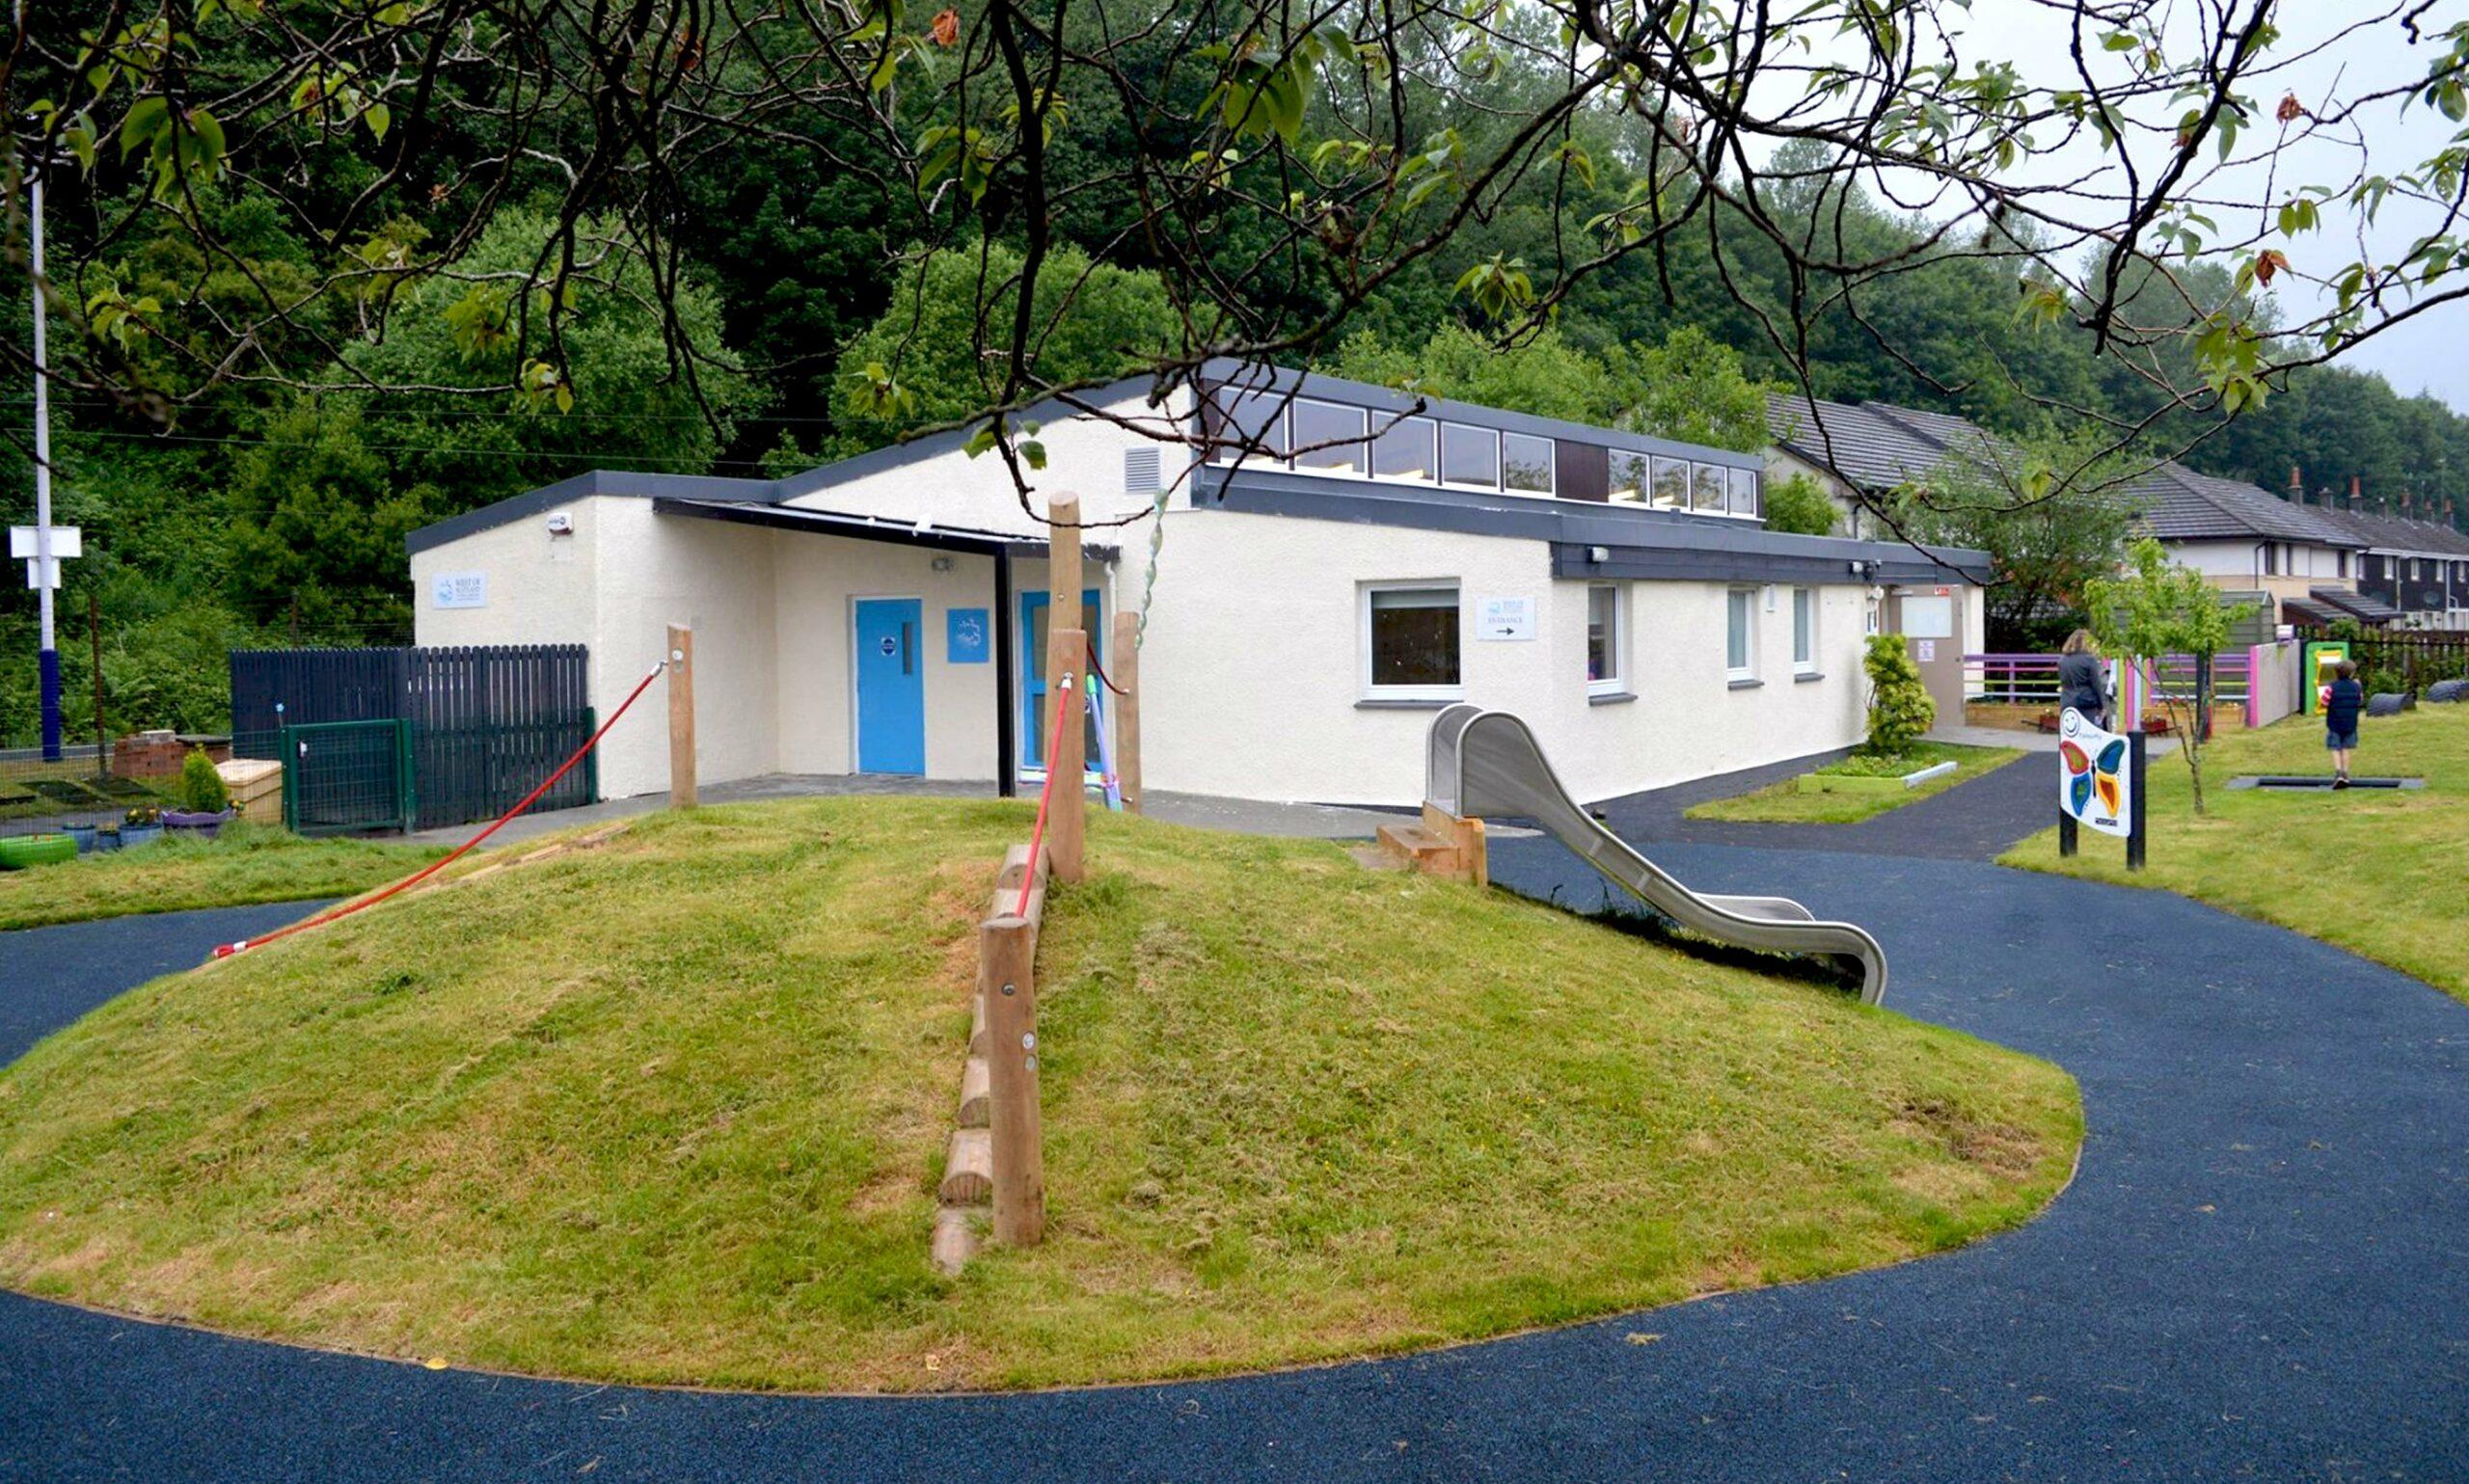 West Scotland Autism Centre